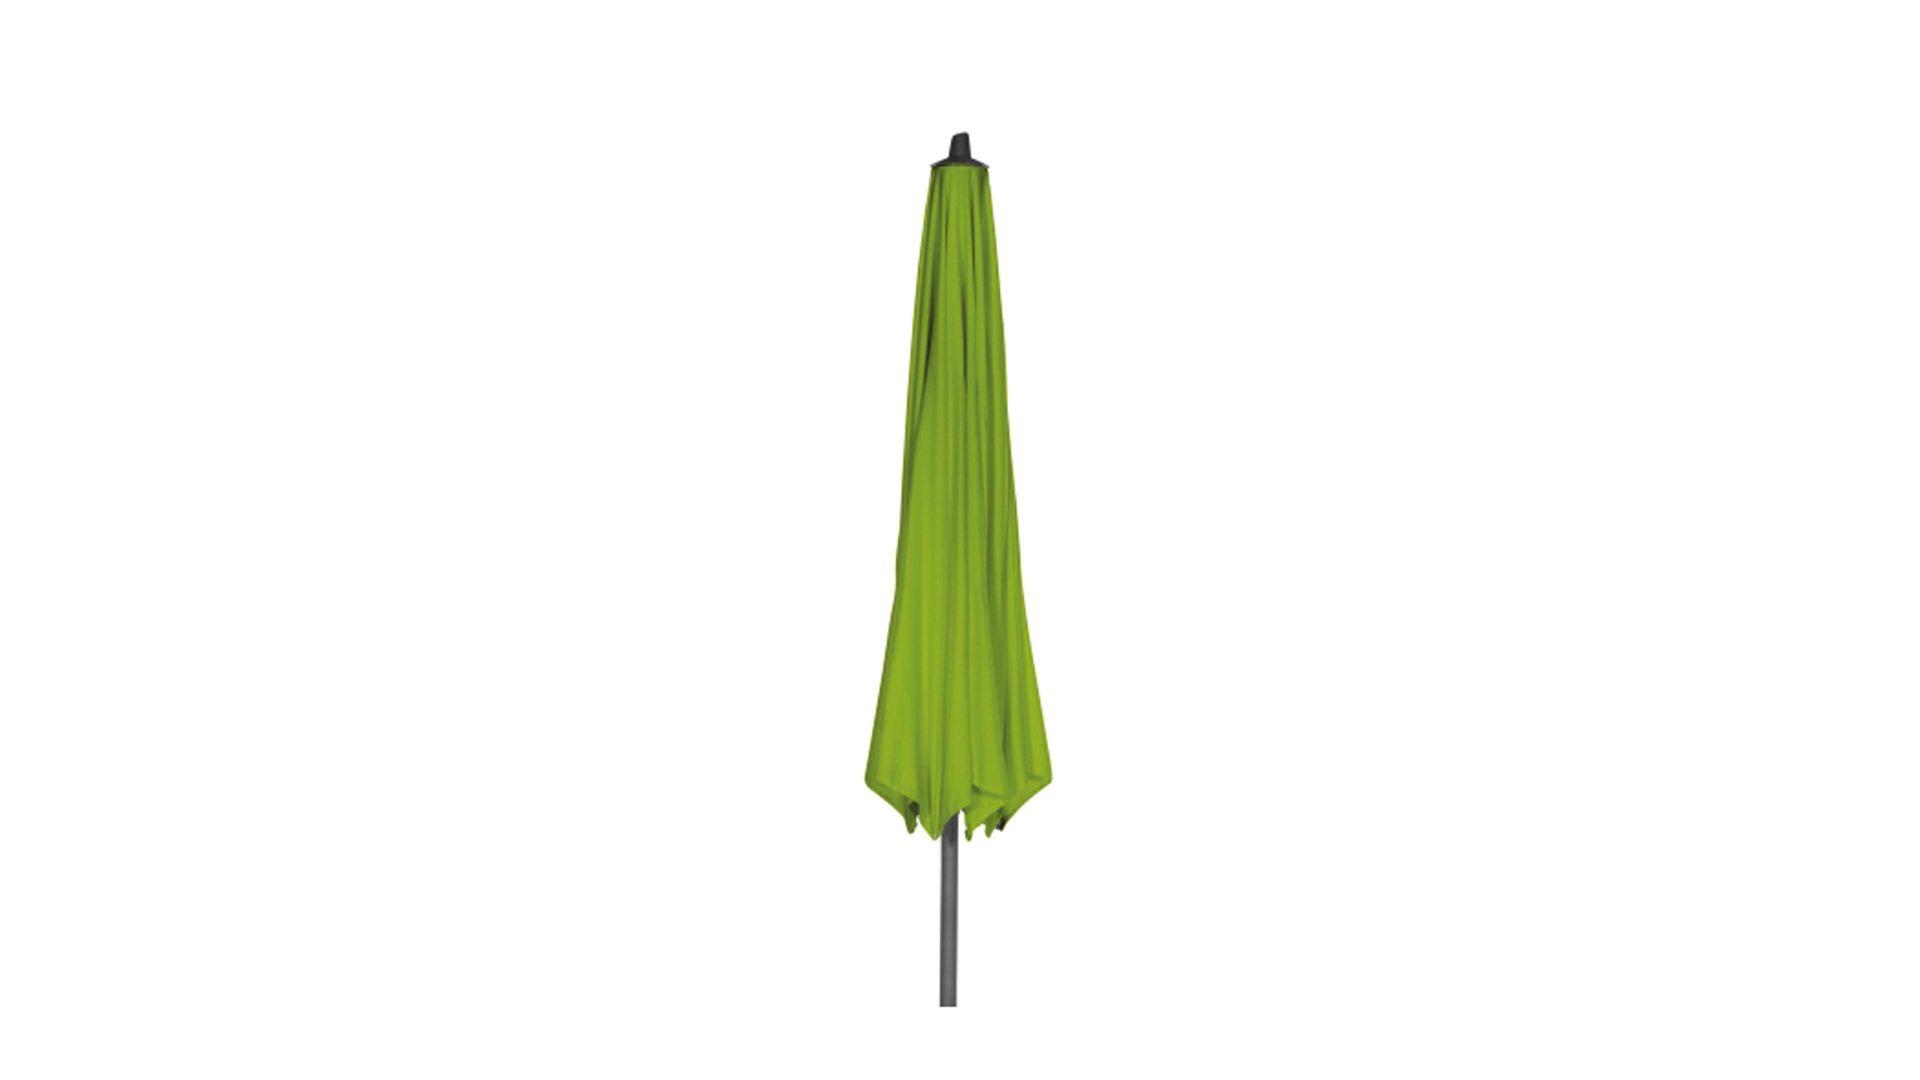 Siena Garden Sonnenschirm Avio Limettenfarbener Bezug Durchmesser